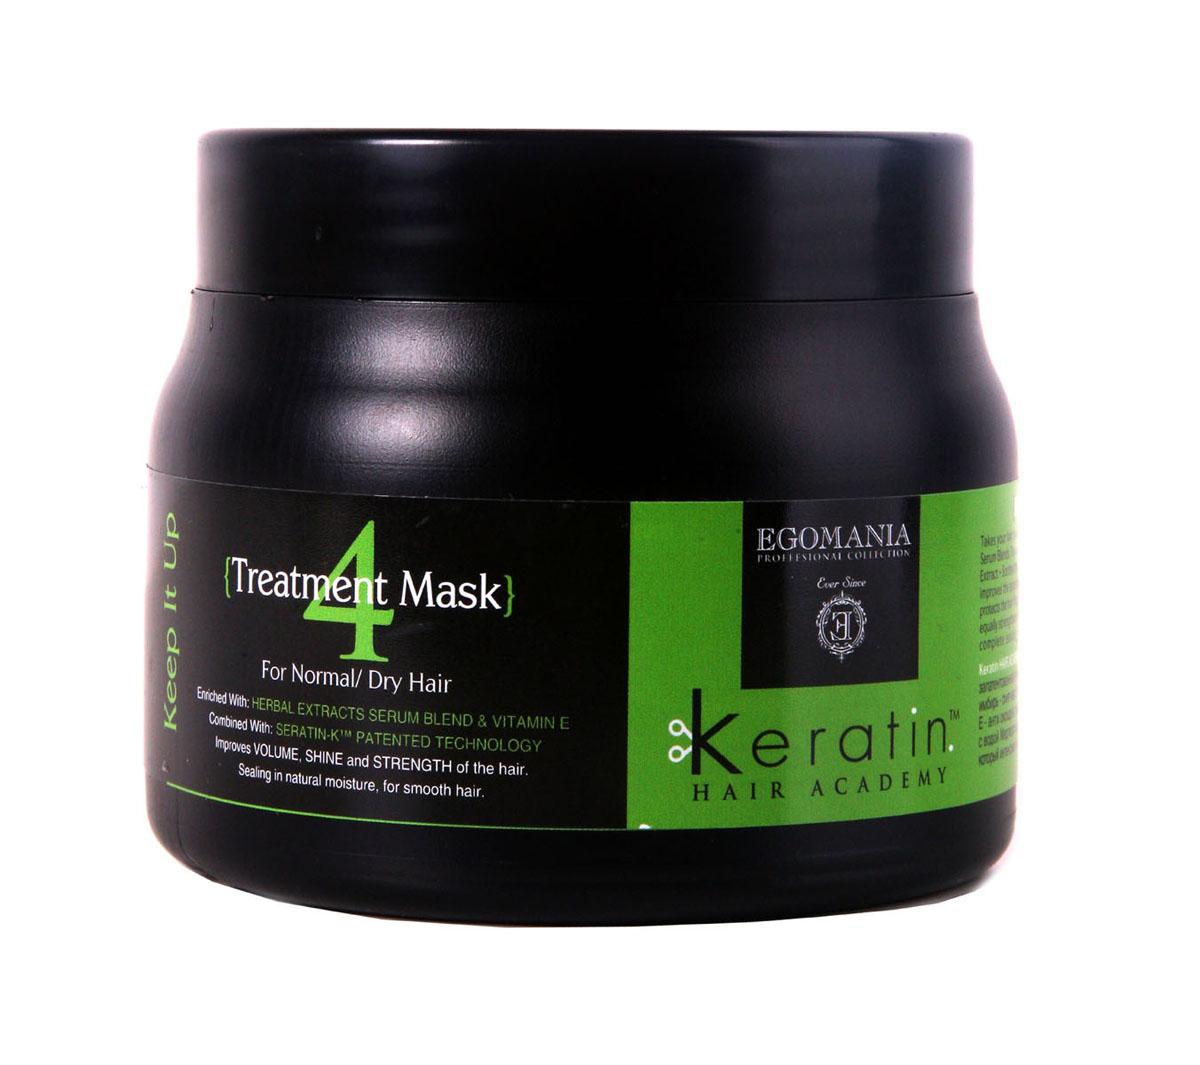 Egomania Professional Collection Маска Keratin Hair Academy Все под контролем! для нормальных и сухих волос 500 мл830275Восстанавливающая маска для нормальных и сухих волос, обогащенная маслами, работает как самостоятельный продукт, благодаря уникальной формуле, которая способствует проникновению питательных компонентов в структуру волоса. Состав этого продукта уникально богат аминокислотами и маслами. Применение маски раз в неделю оказывает поддерживающий уход, полноценное питание структуры волос и поддержание цвета. Отличительной особенностью продукта является то, что он воздействует не только на структуру волоса, но и на кожу головы, нормализуя работу сальных желез.